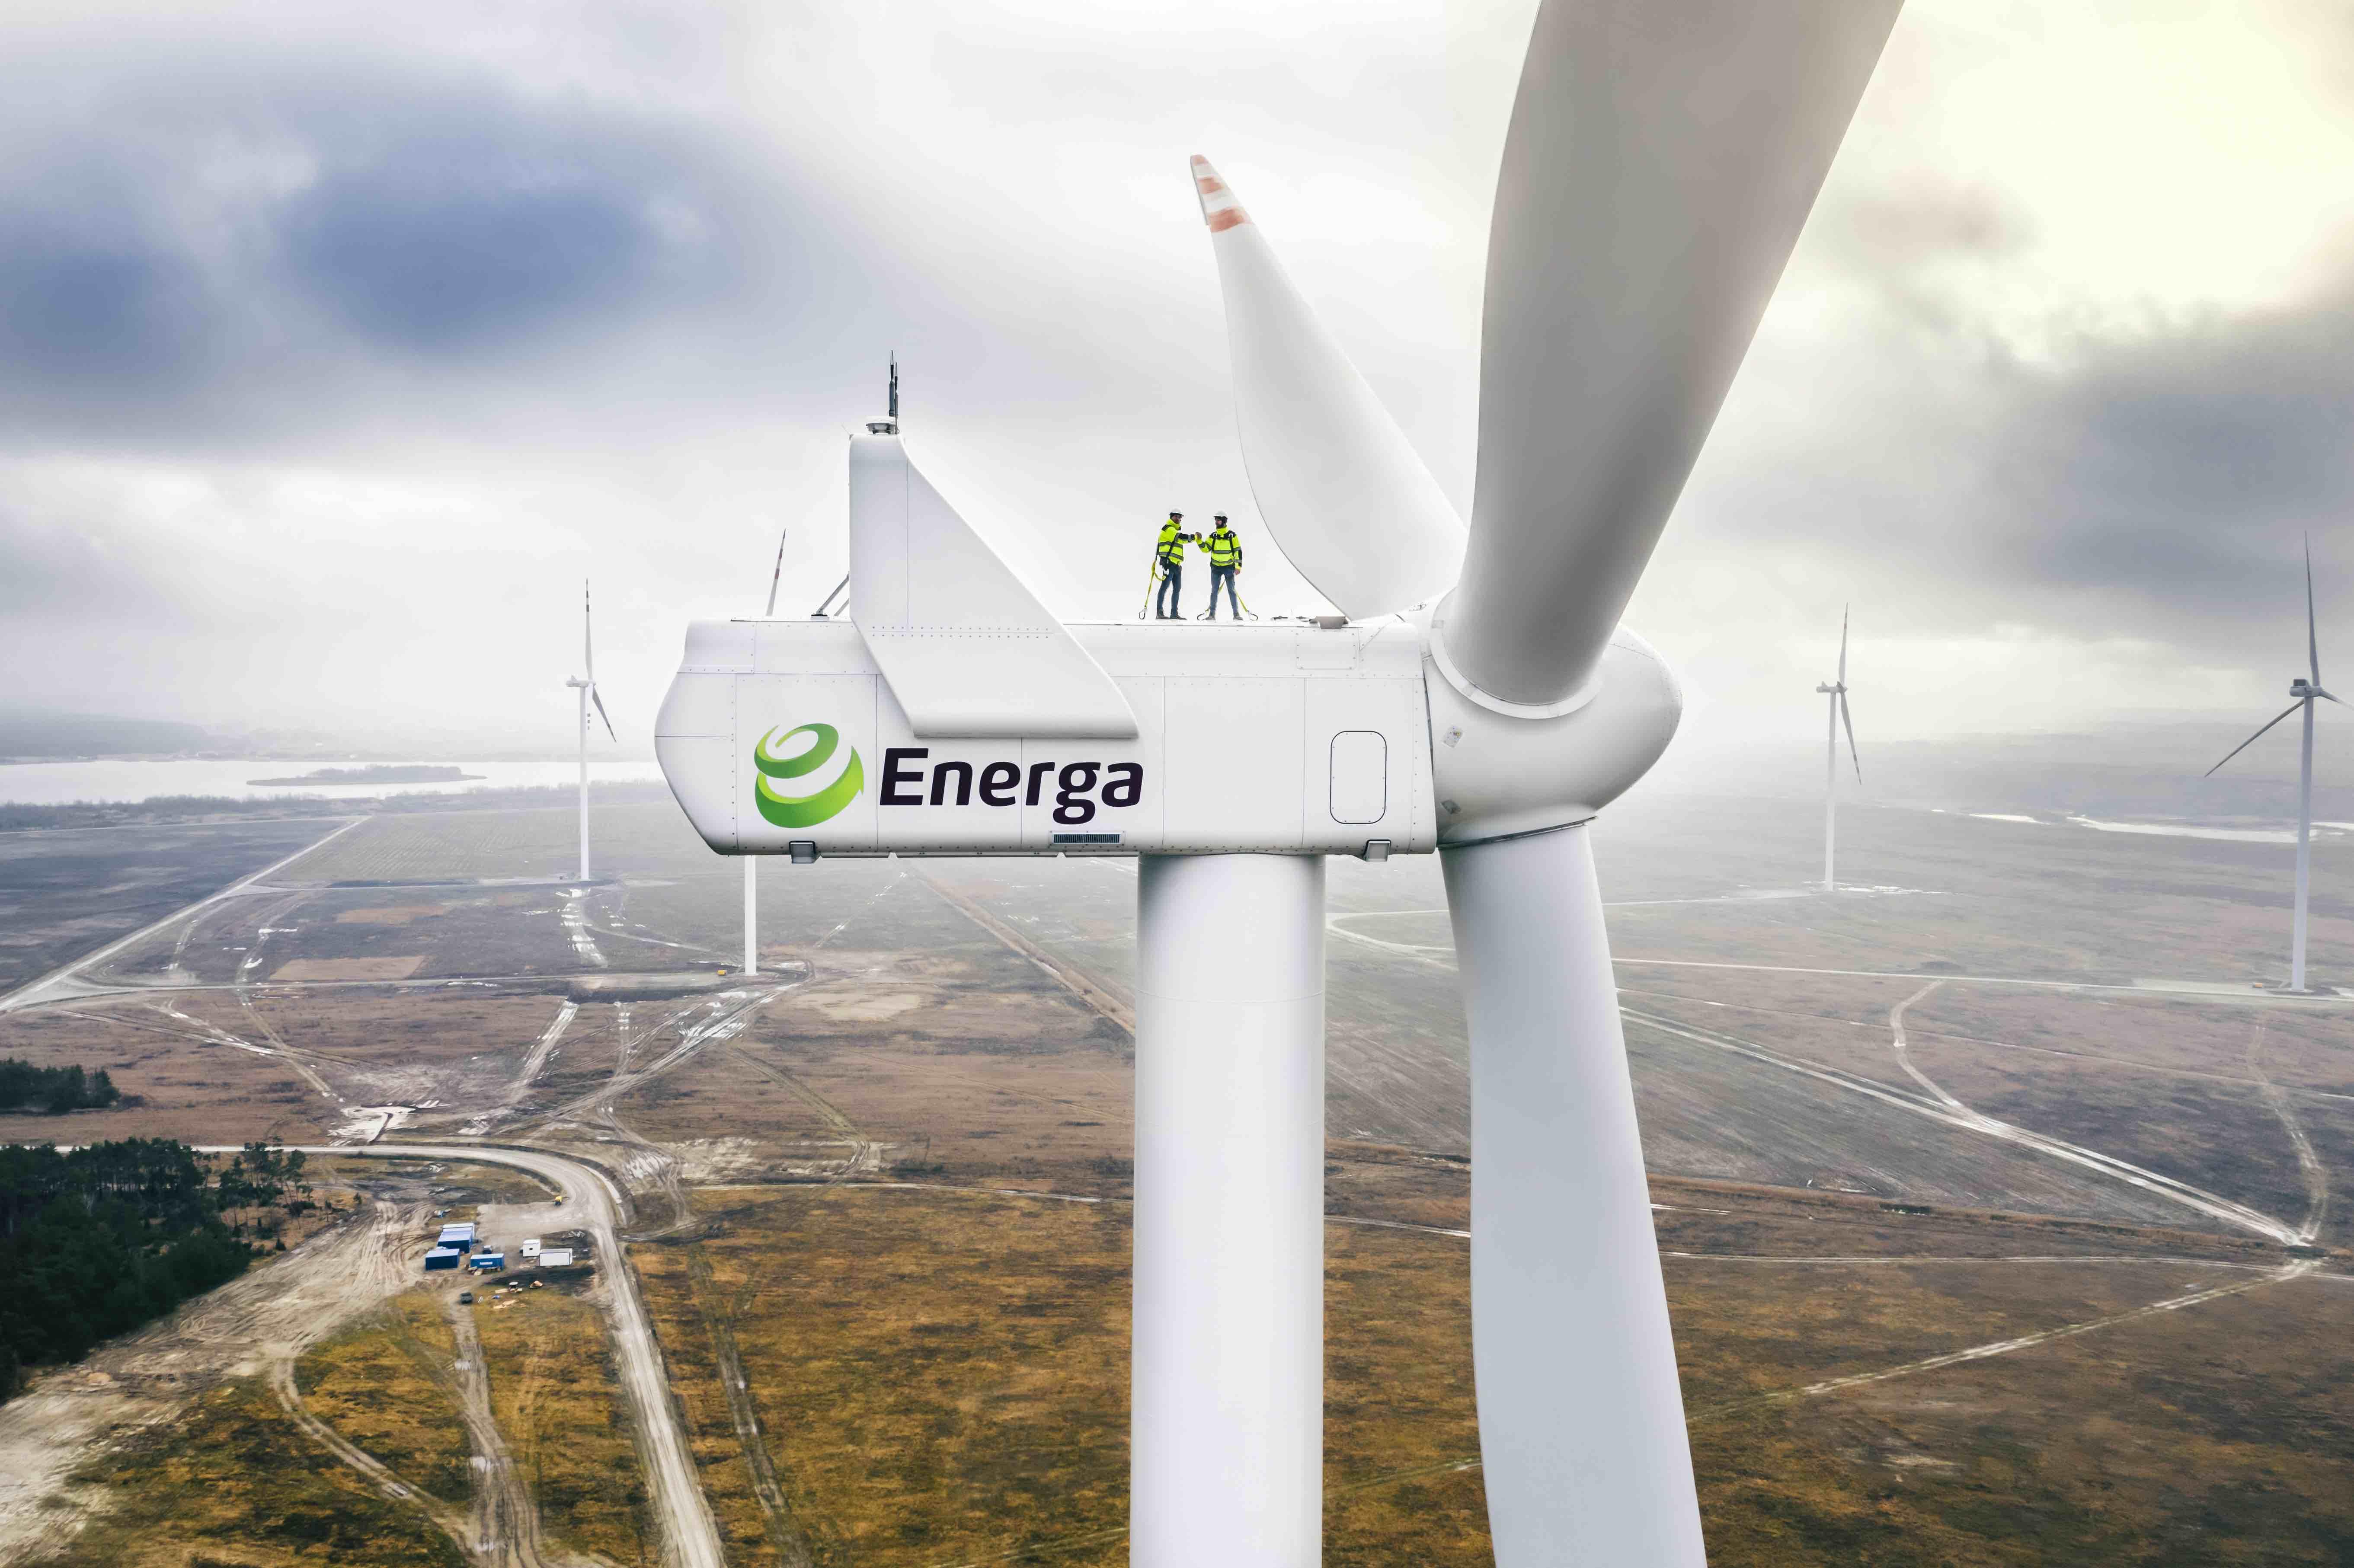 Energa inwestuje m.in. w generację wiatrową na lądzie. Na zdjęciu: farma wiatrowa w Przykonie. Fot. Energa.